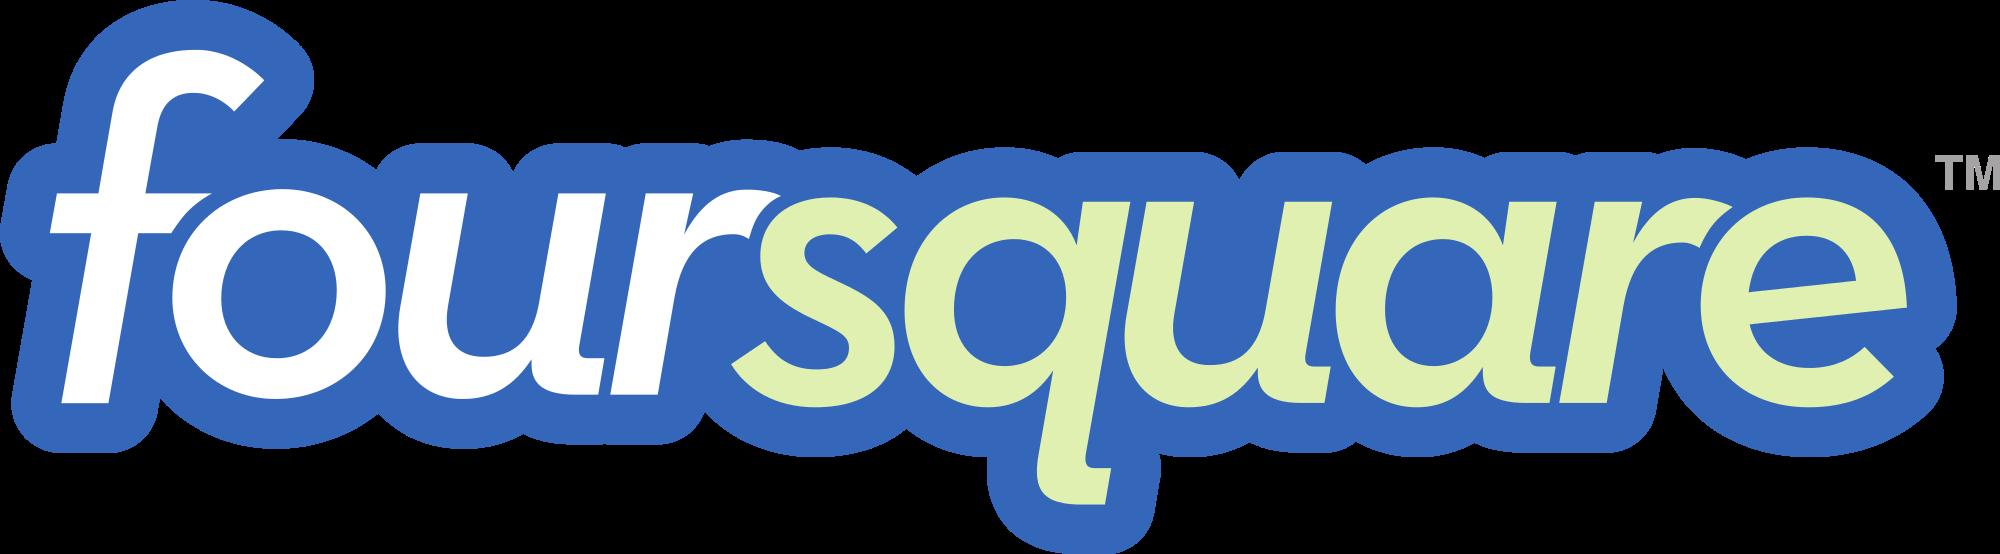 HD Foursquare Logo 800×800.